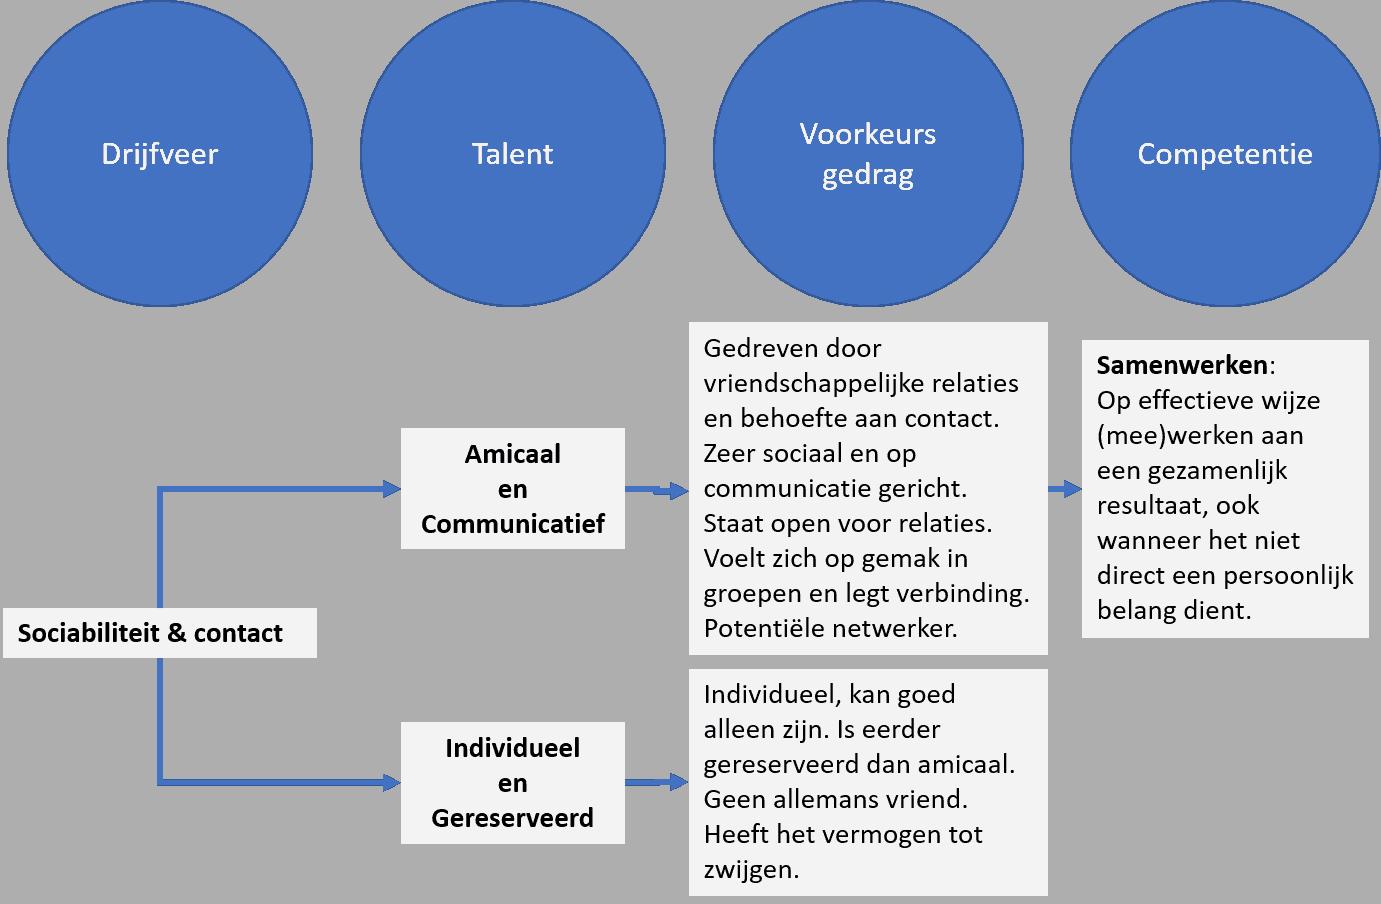 Relatie Drijfveer, Talent, Voorkeursgedrag en Competentie